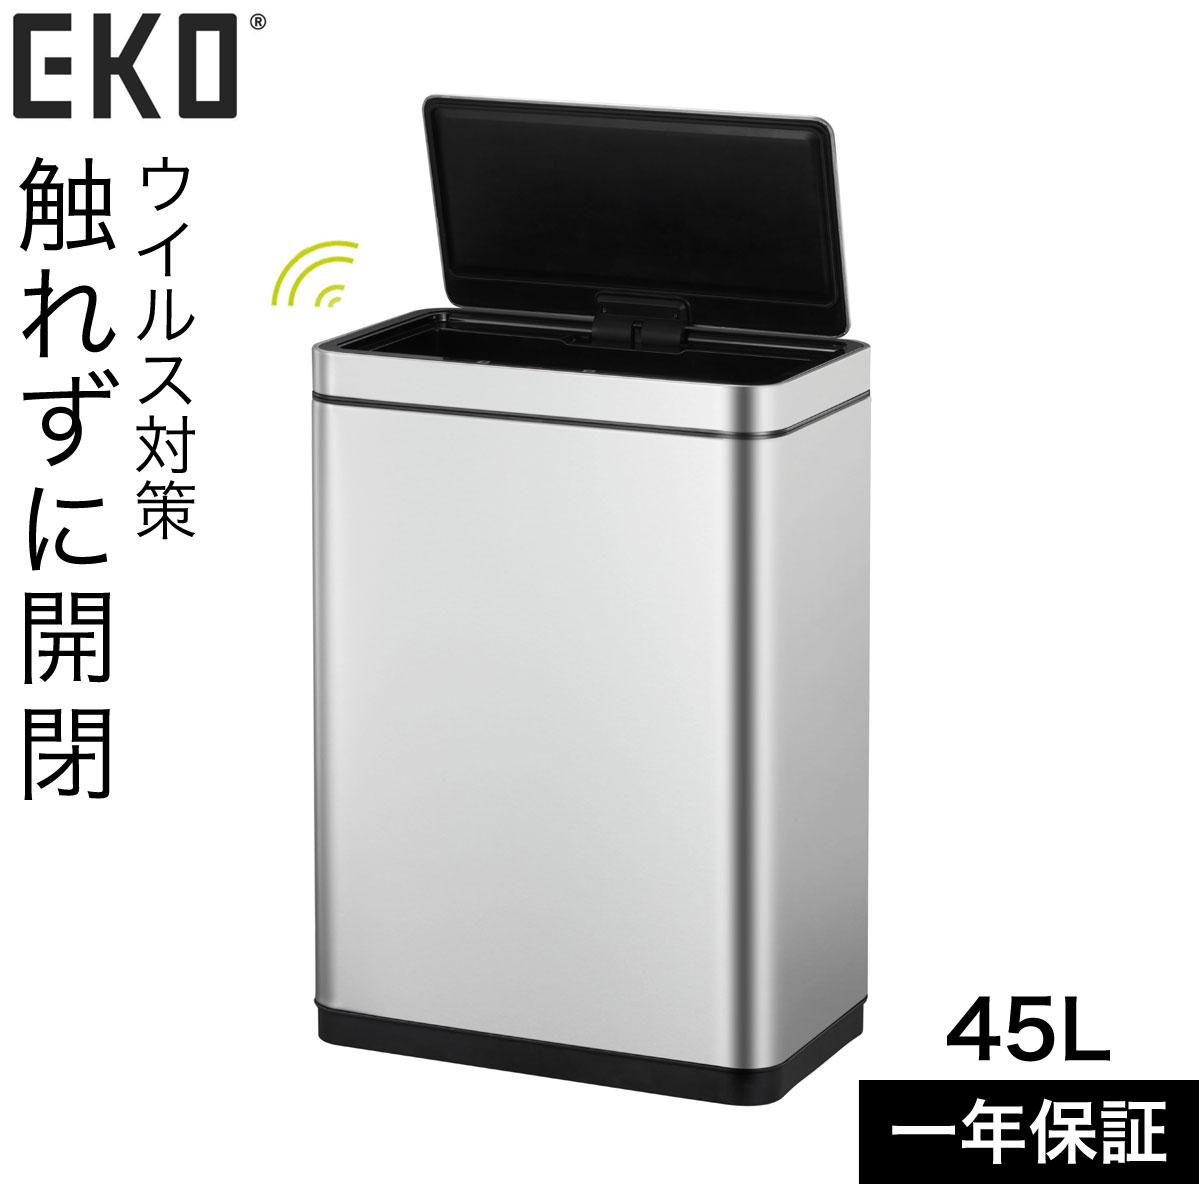 センサーで手を触れずに開け閉めできるダストボックス ゴミ箱 数量限定 ごみ箱 EKO 45リットル キッチン 輸入 スリム ステンレス おしゃれ メーカー直送 センサー式 デラックスミラージュセンサー式ビン 45L